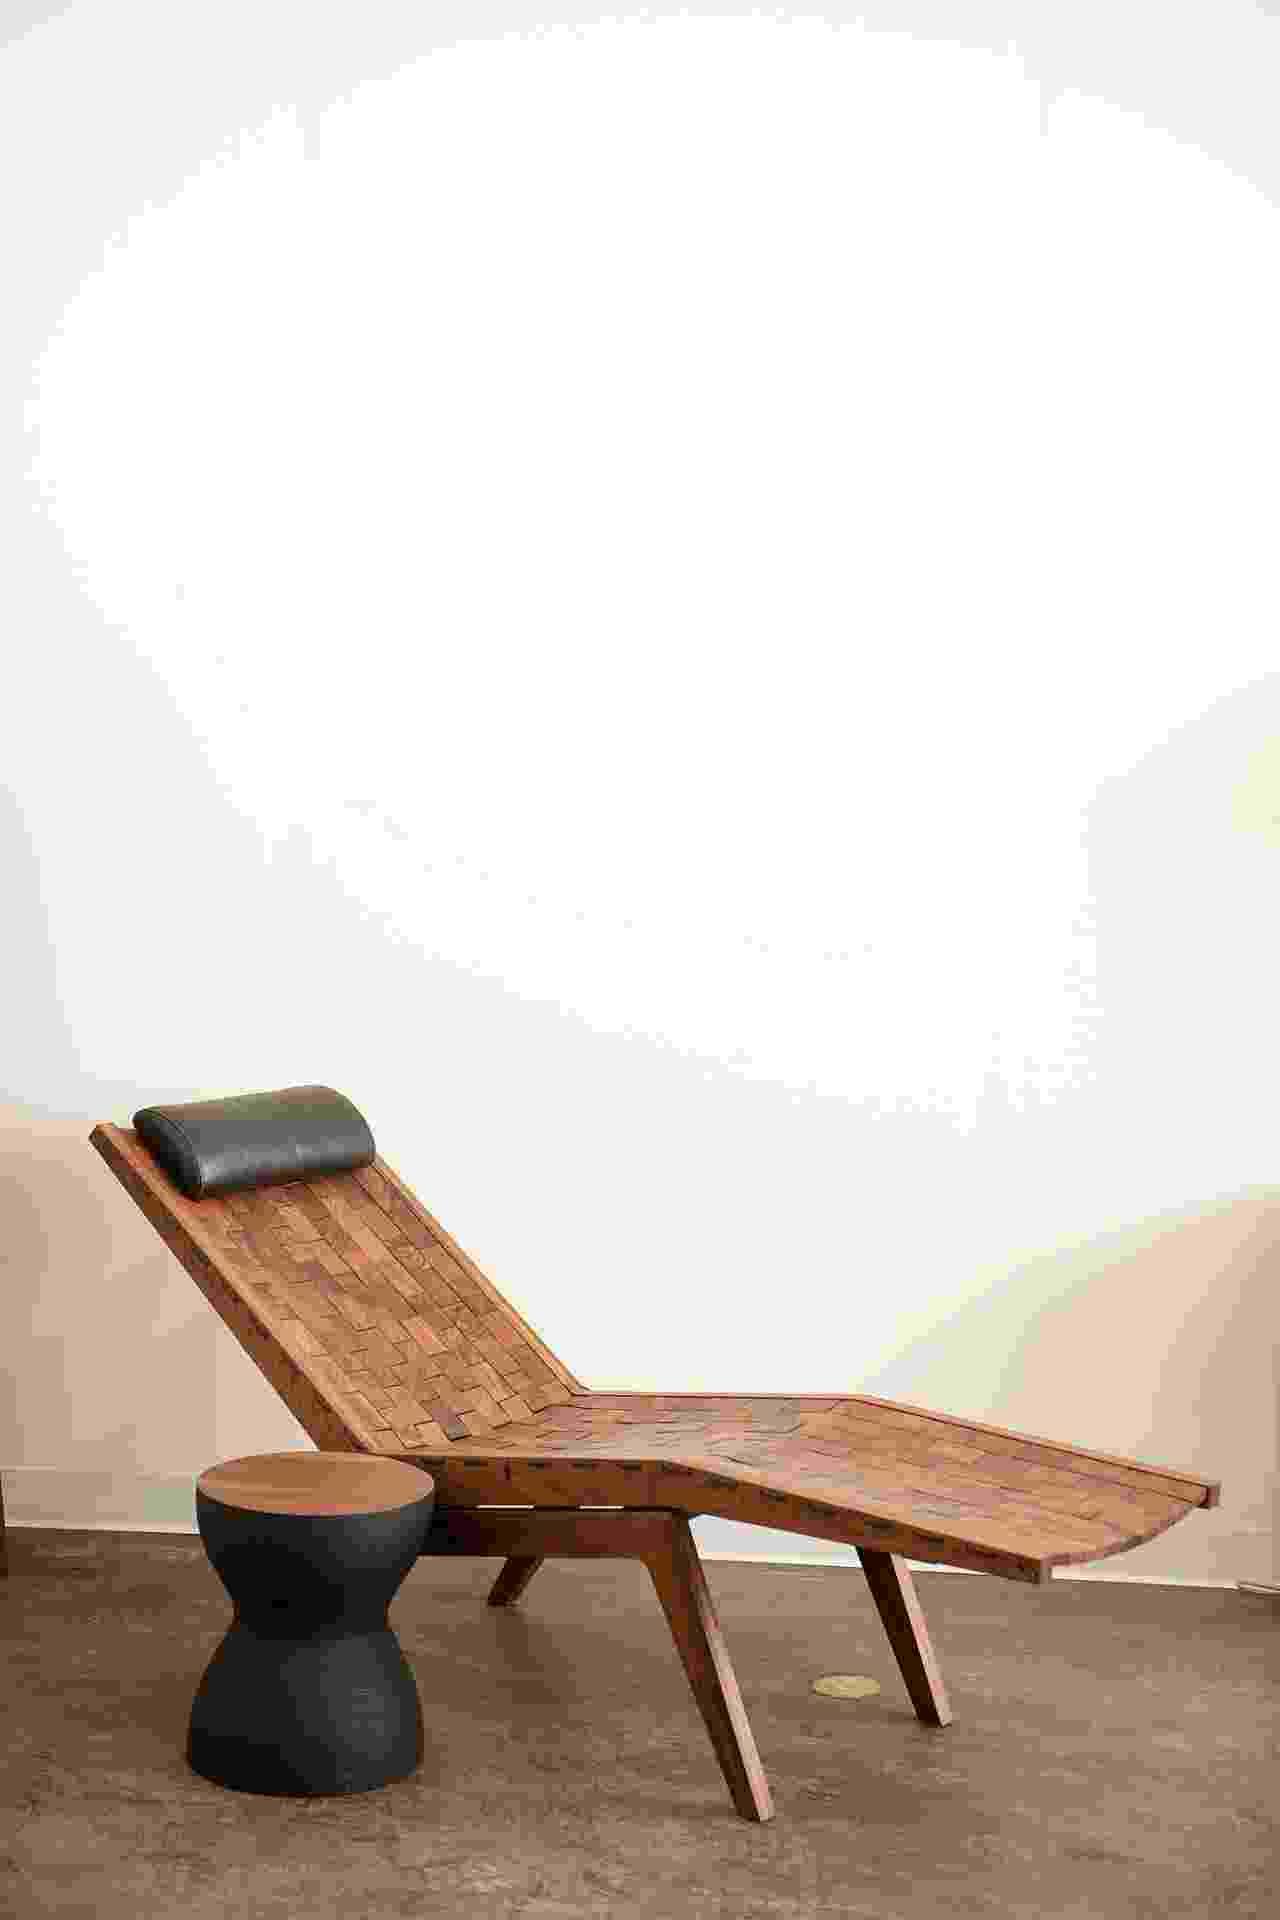 A RB Chaise Lounge levou cerca de 120 horas para ser produzida e custa US$ 8.900. A peça foi cuidosamente montada com pequenas plaquetas de madeira e conta com um travesseiro revestido por couro (Imagem do NYT, usar apenas no respectivo material) - Robert Rausch/ The New York Times